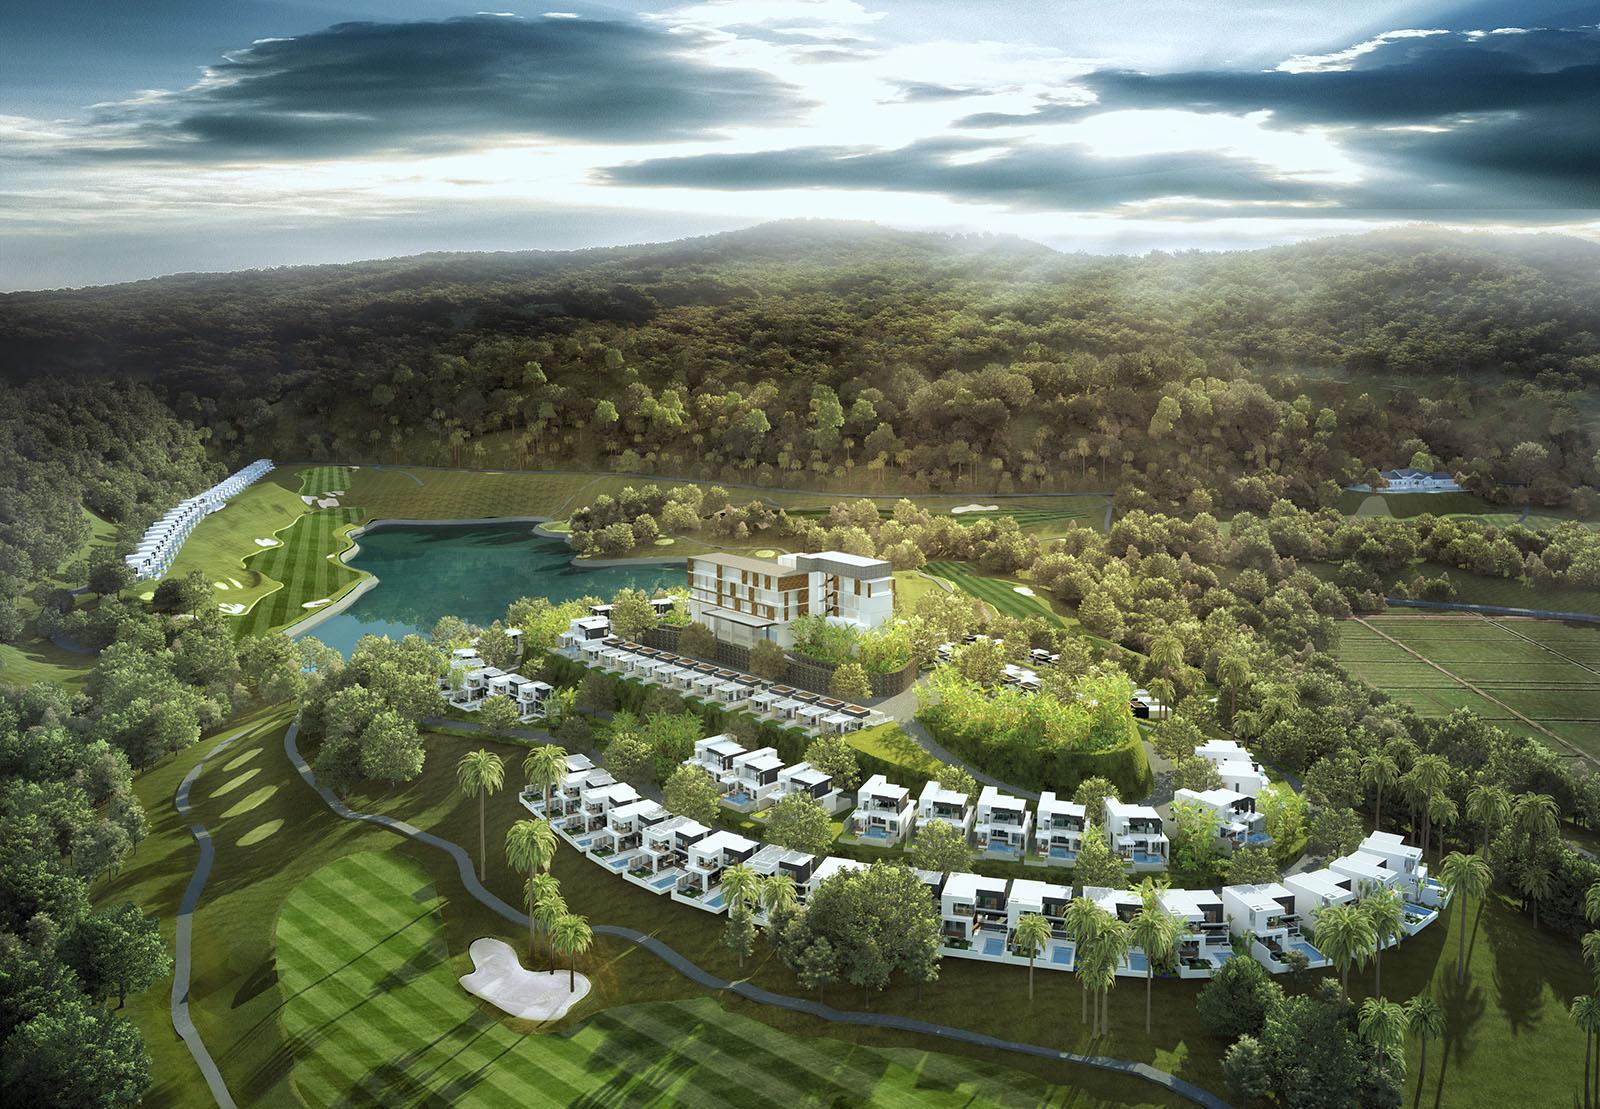 Yên Dũng Resort & Golf Club, chinh phục đẳng cấp mọi Golf thủ!